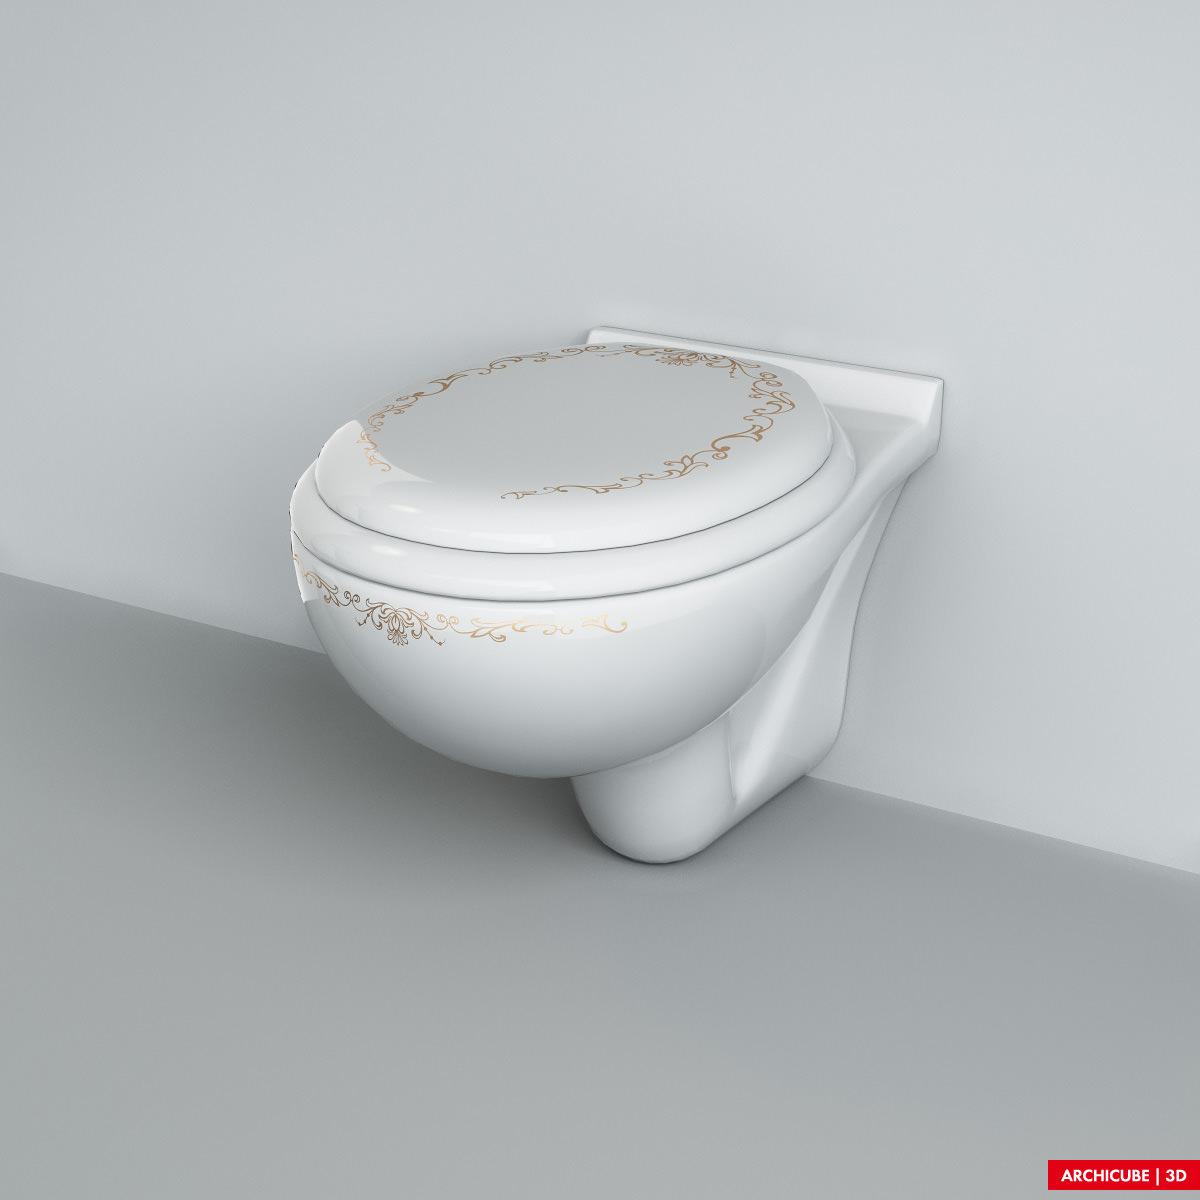 Wc toilet 02 3d model max obj fbx - Toilet model ...